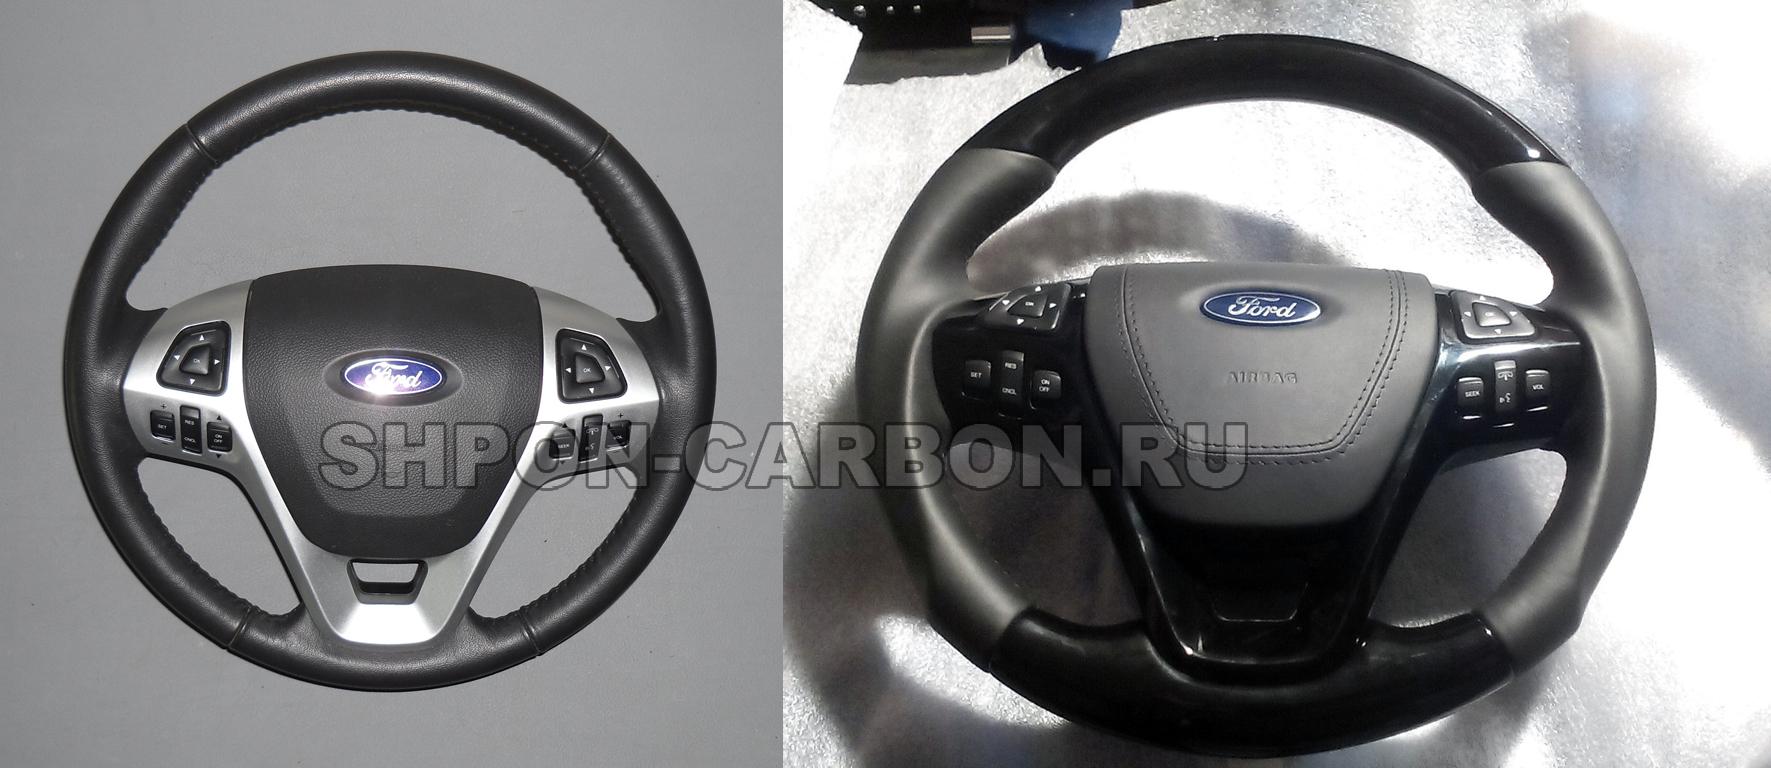 Изготовление декоративных вставок, накладку на спицу руля в рояльном лаке + анатомия руля + перетяжка руля + перетяжка аэрбека в кожу Ford (Форд)